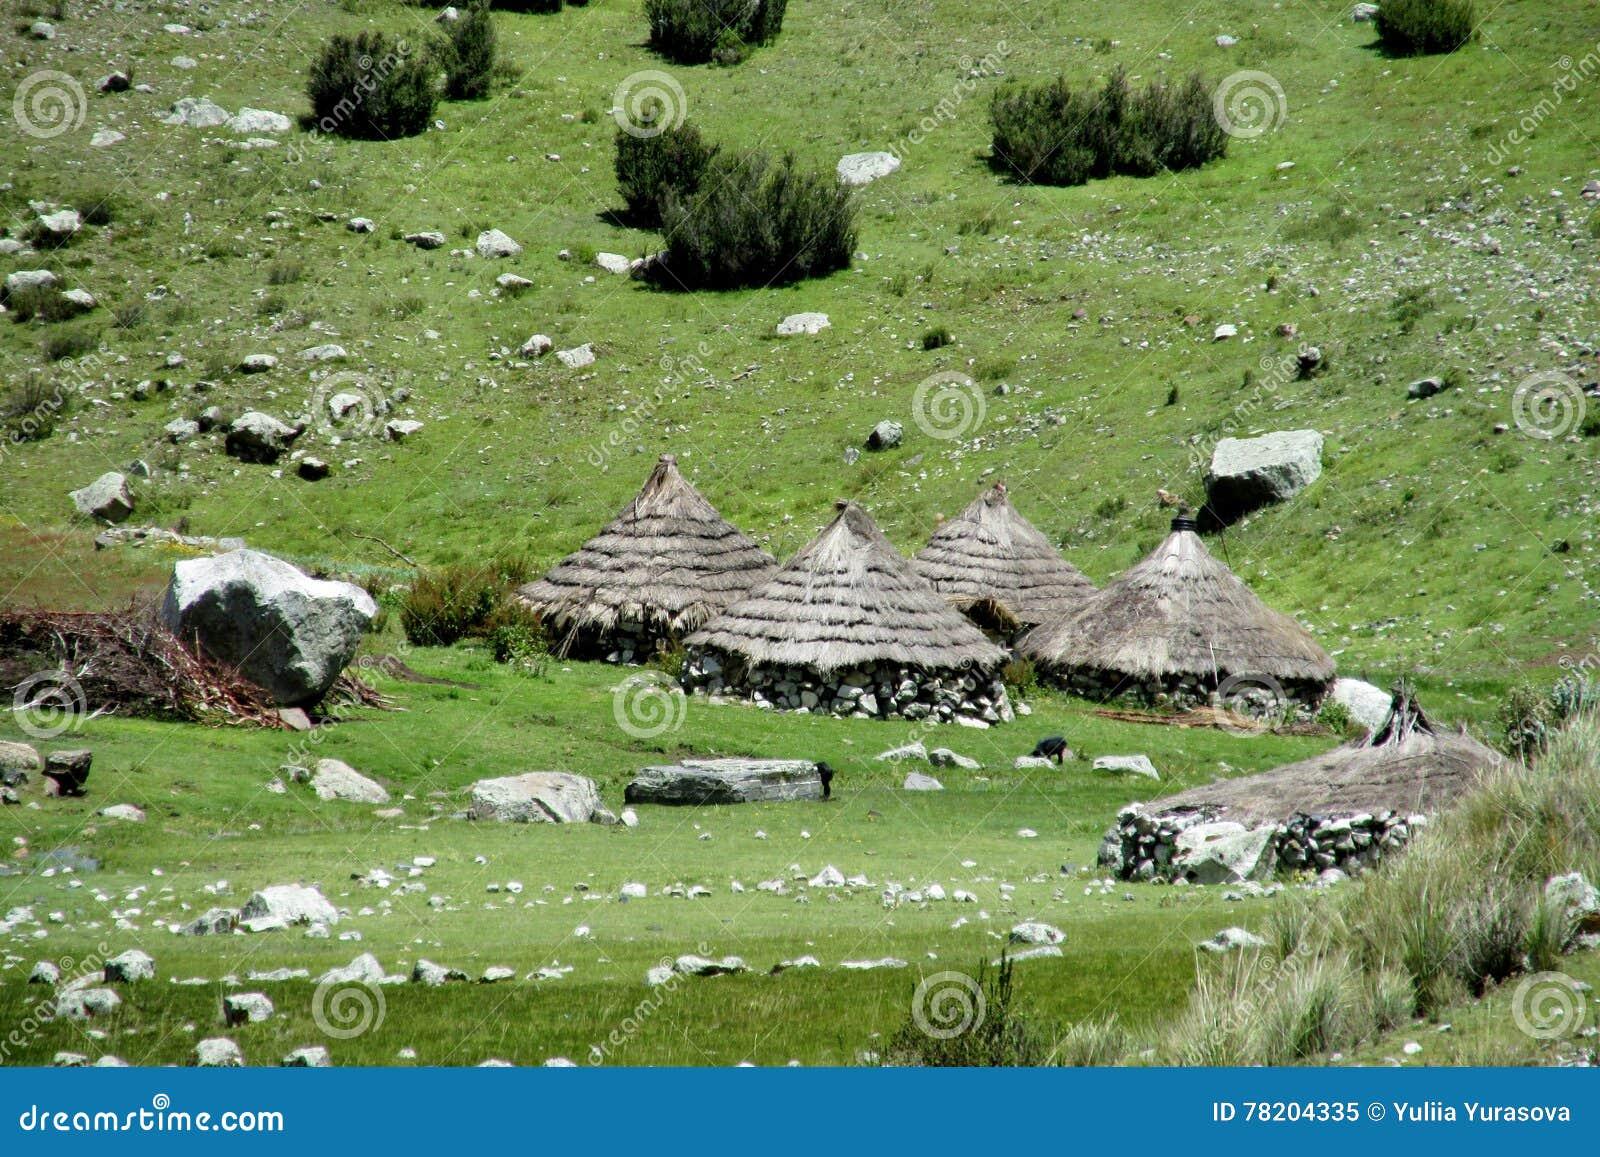 Traditionele quechua dorpshuizen met kegelstrodak